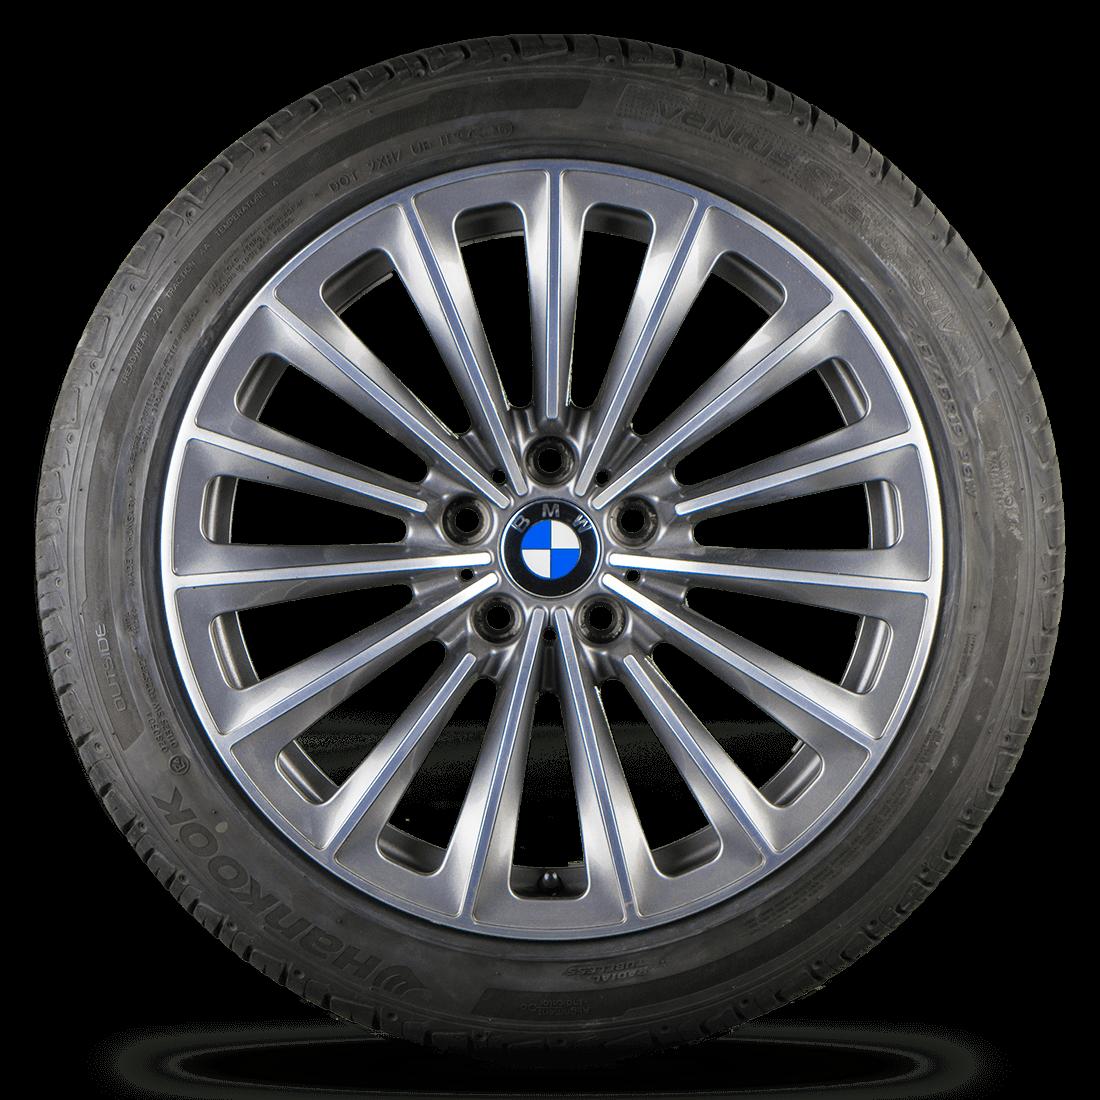 BMW 5er GT F07 7er F01 F02 19 Zoll Alufelgen Felgen Sommerreifen Styling 252